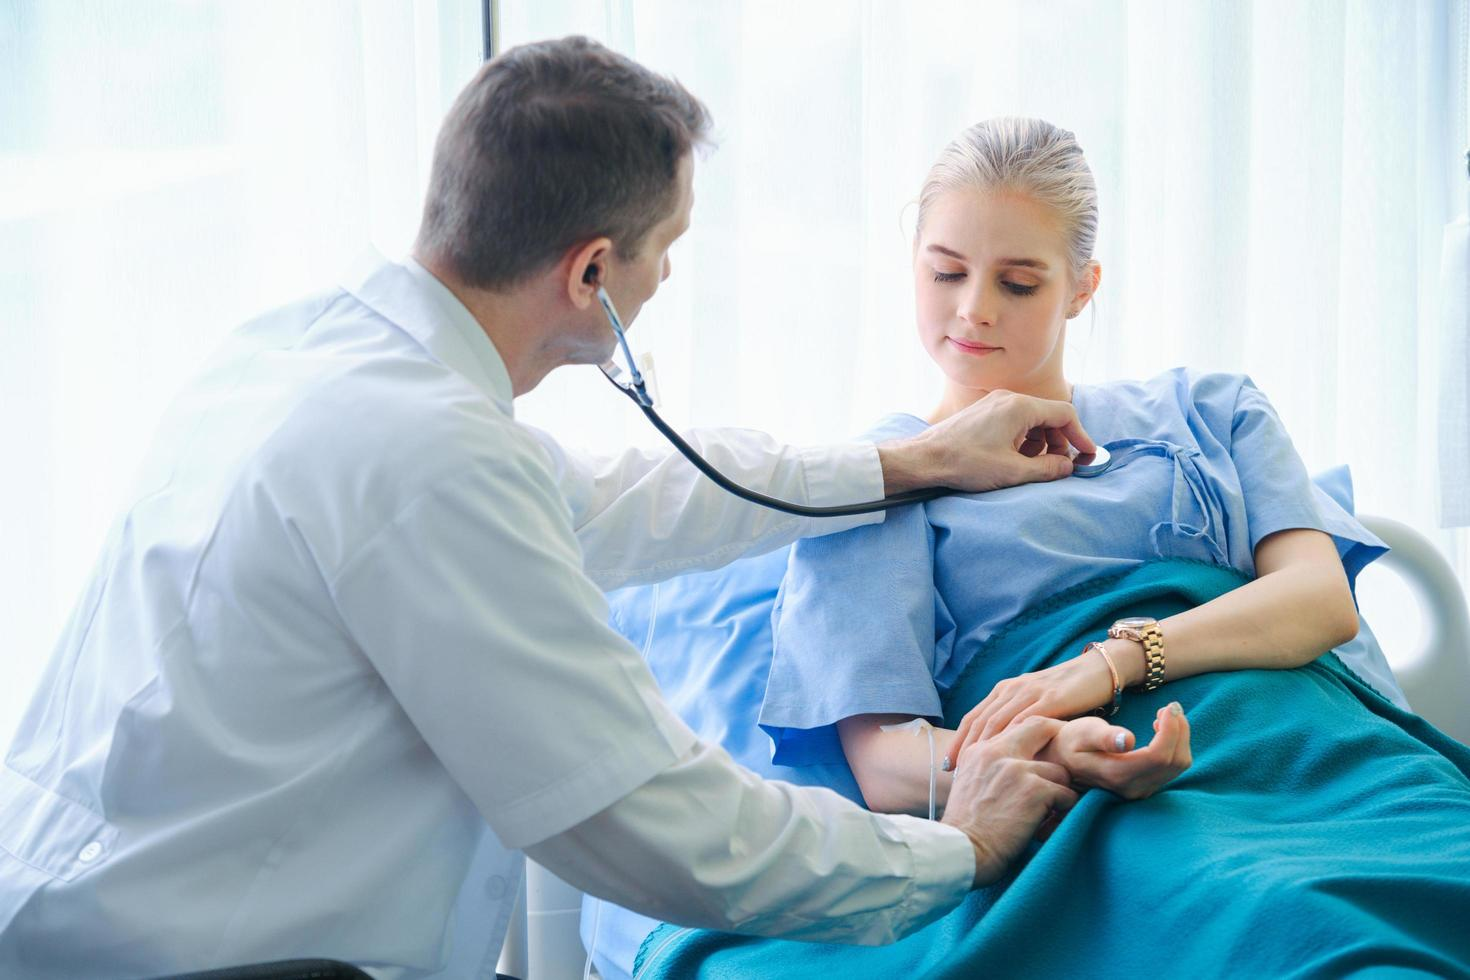 médecin de sexe masculin prenant le pouls de la patiente photo